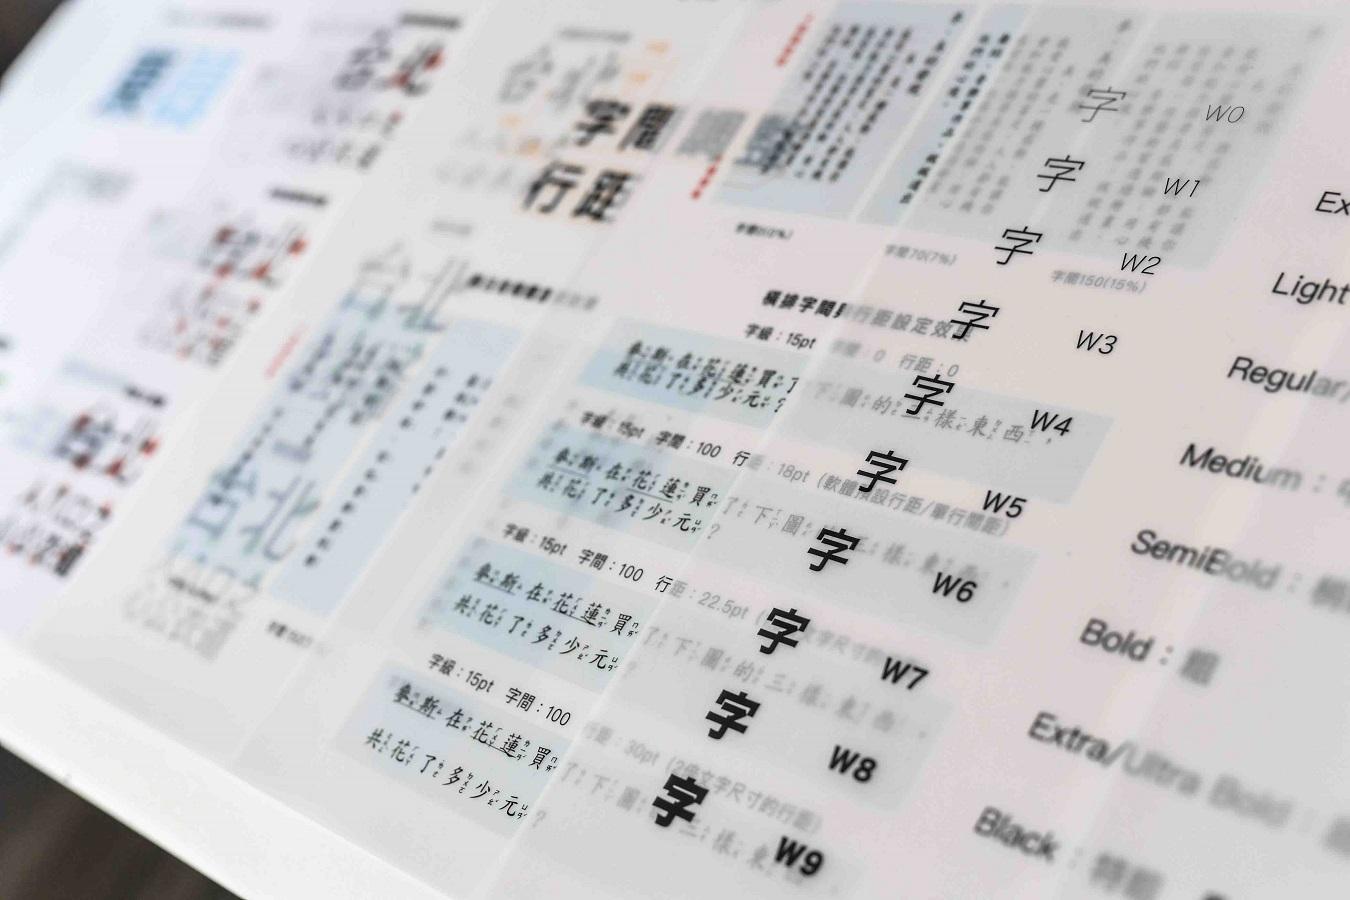 為明日的教科書做設計!專家提出字體、紙材、開本建議報告與設計指南